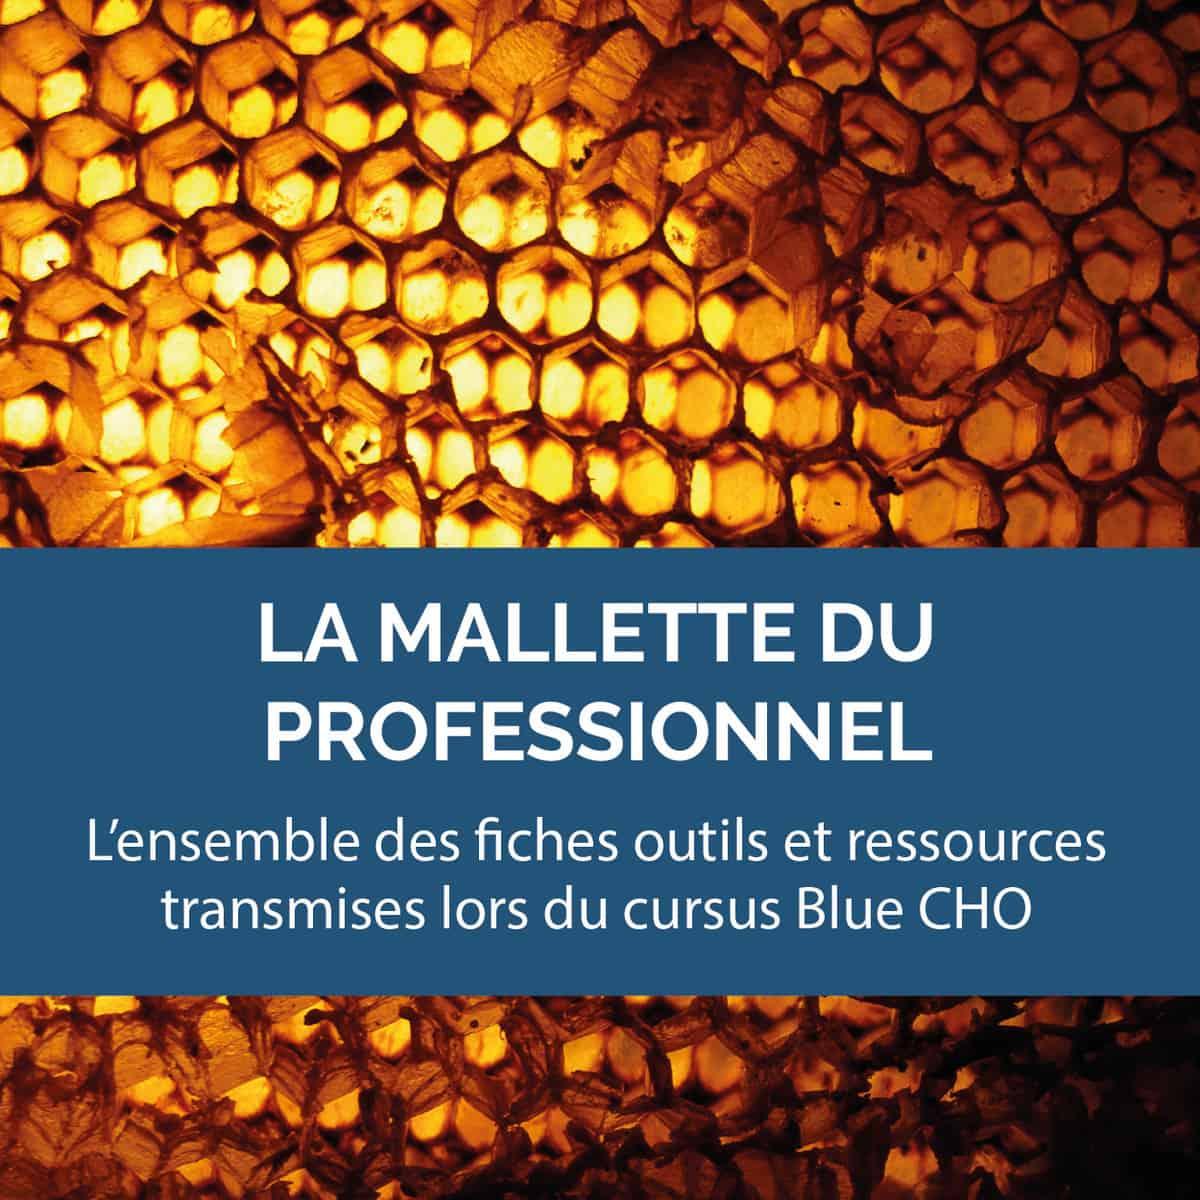 BCHOC1 Malette